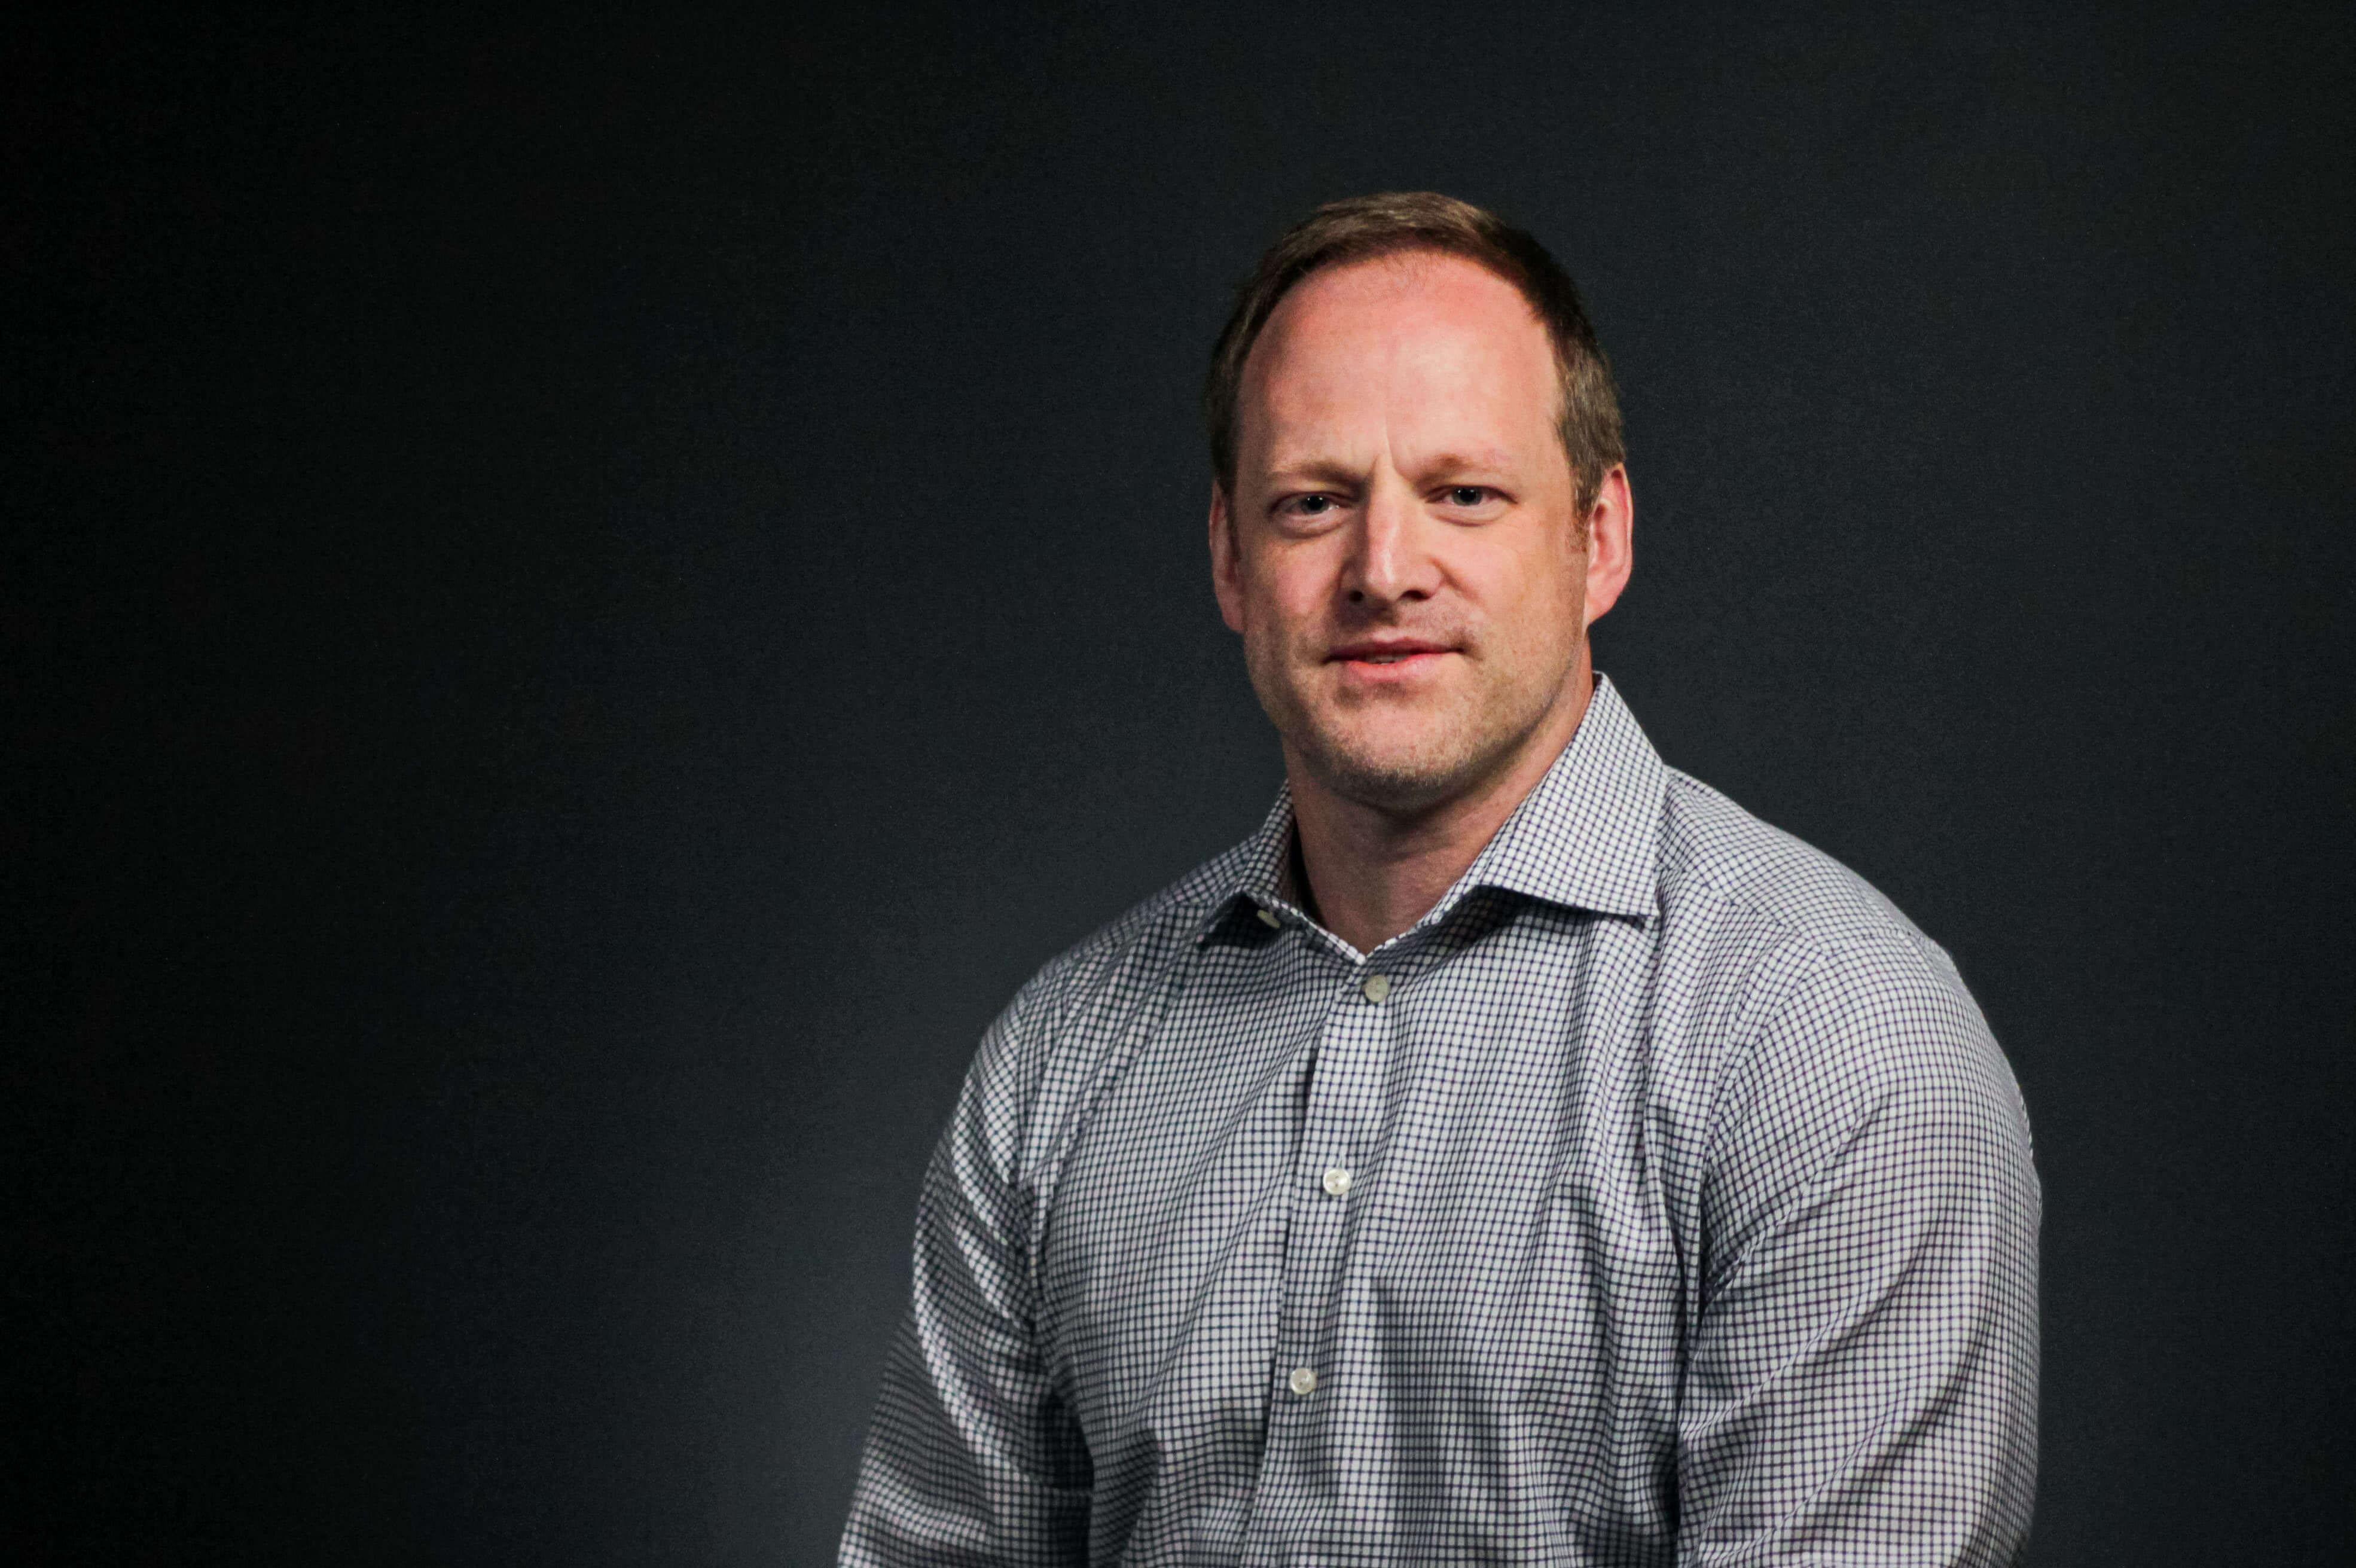 Chad Bickett